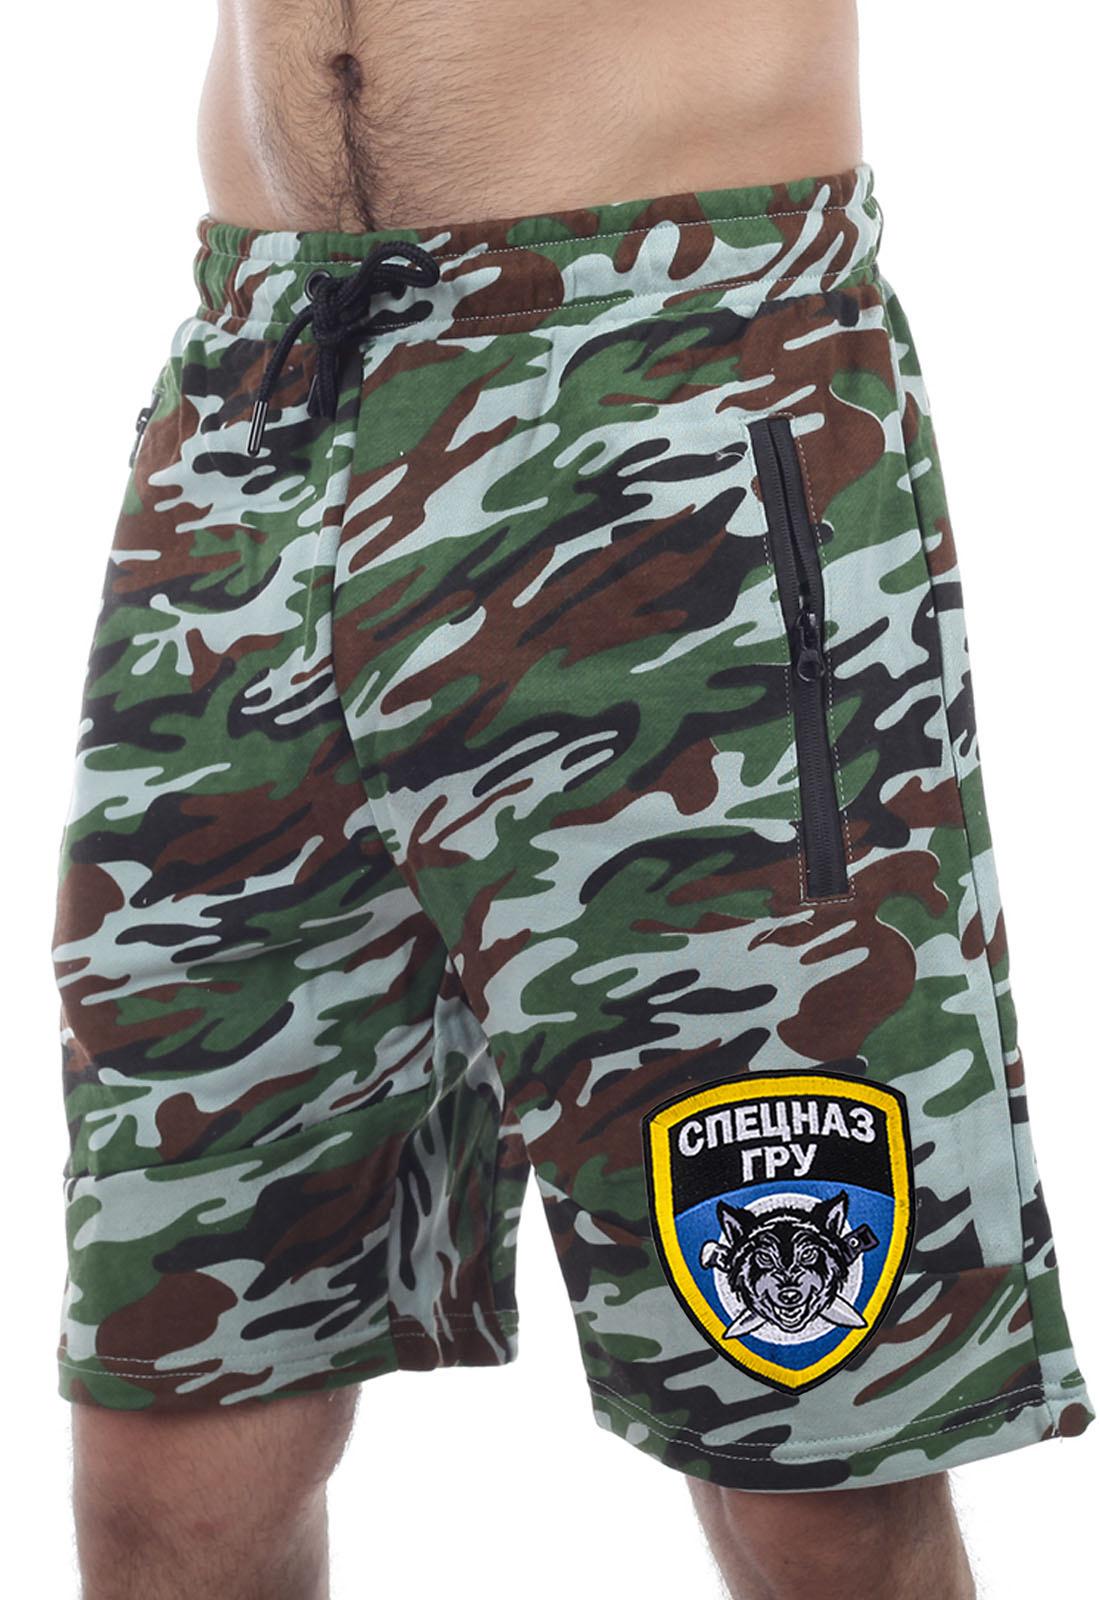 Выбрать и купить мужские милитари шорты с вышивкой Спецназа ГРУ